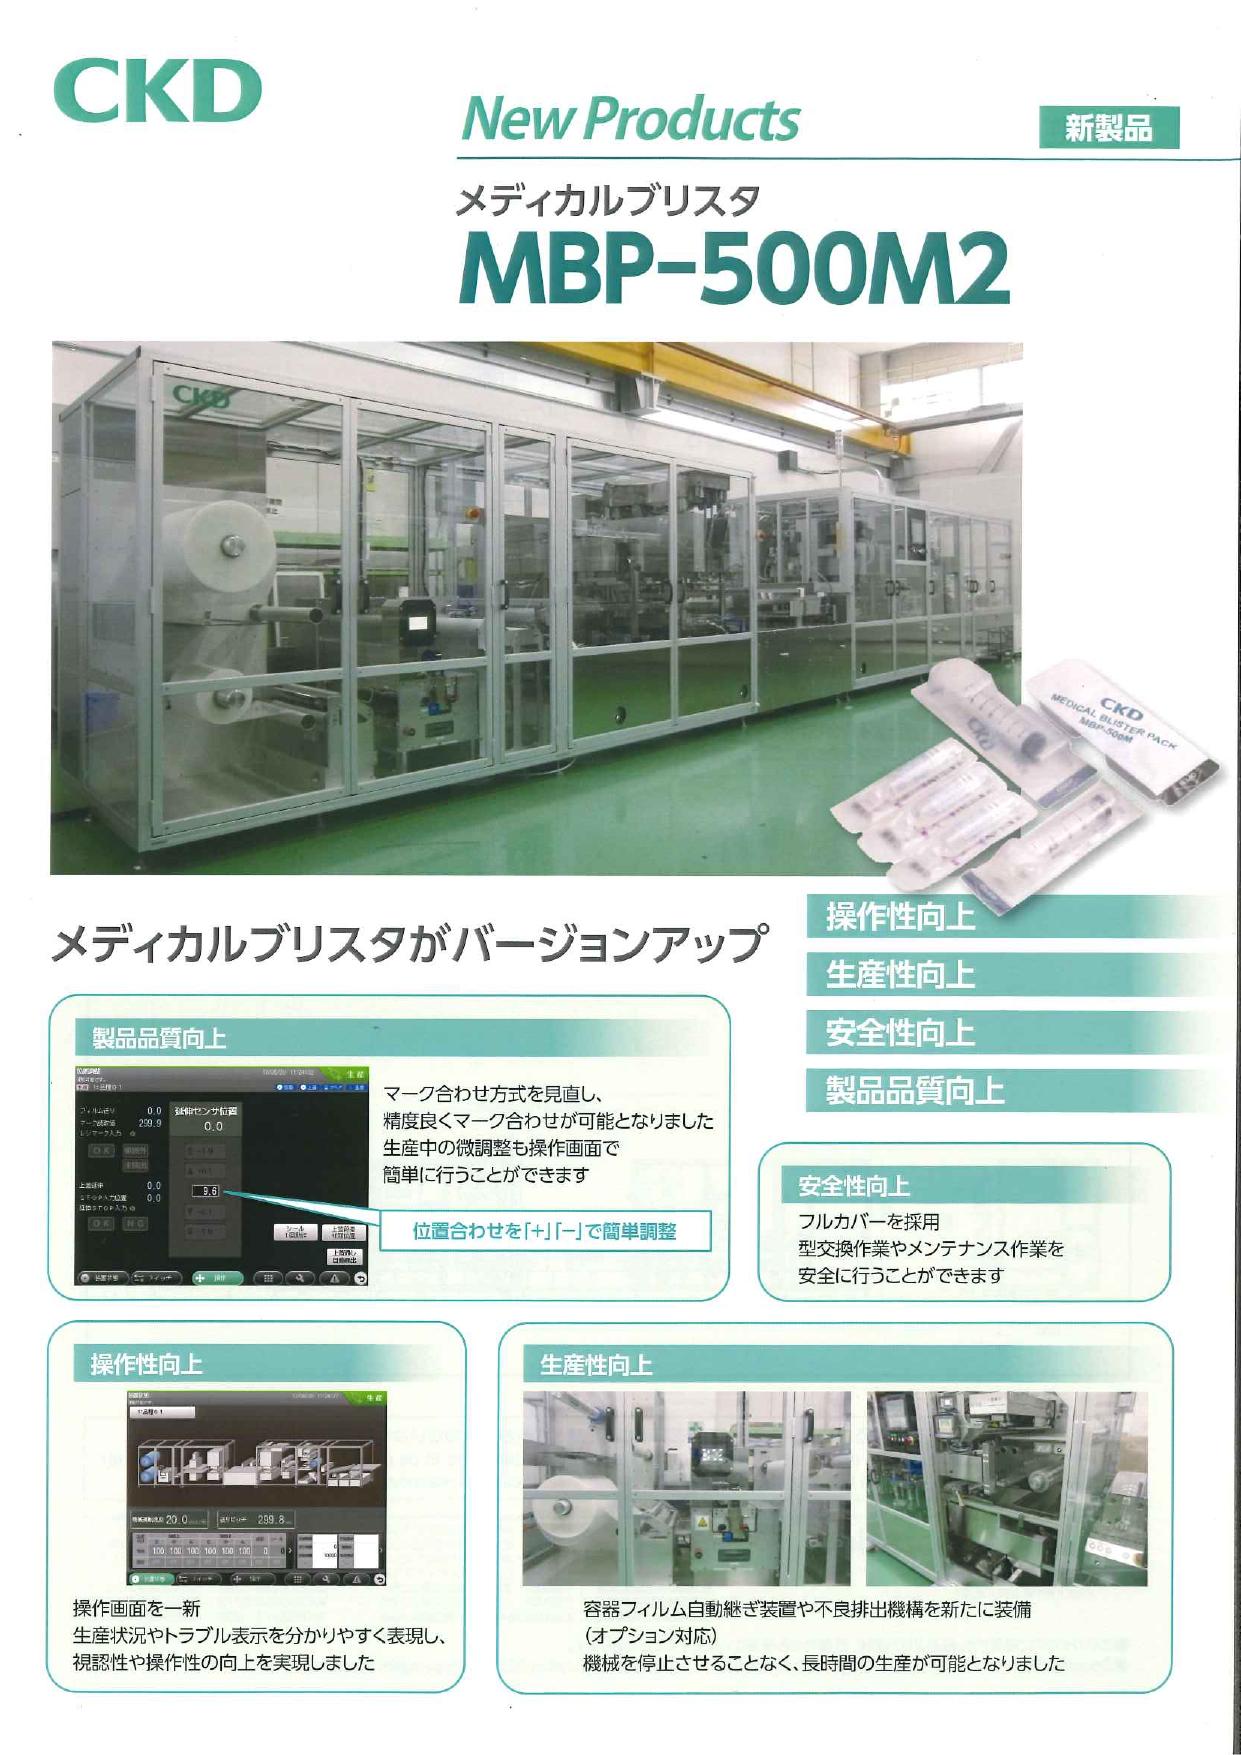 医療用包装機 メディカルブリスタMBP-500M2